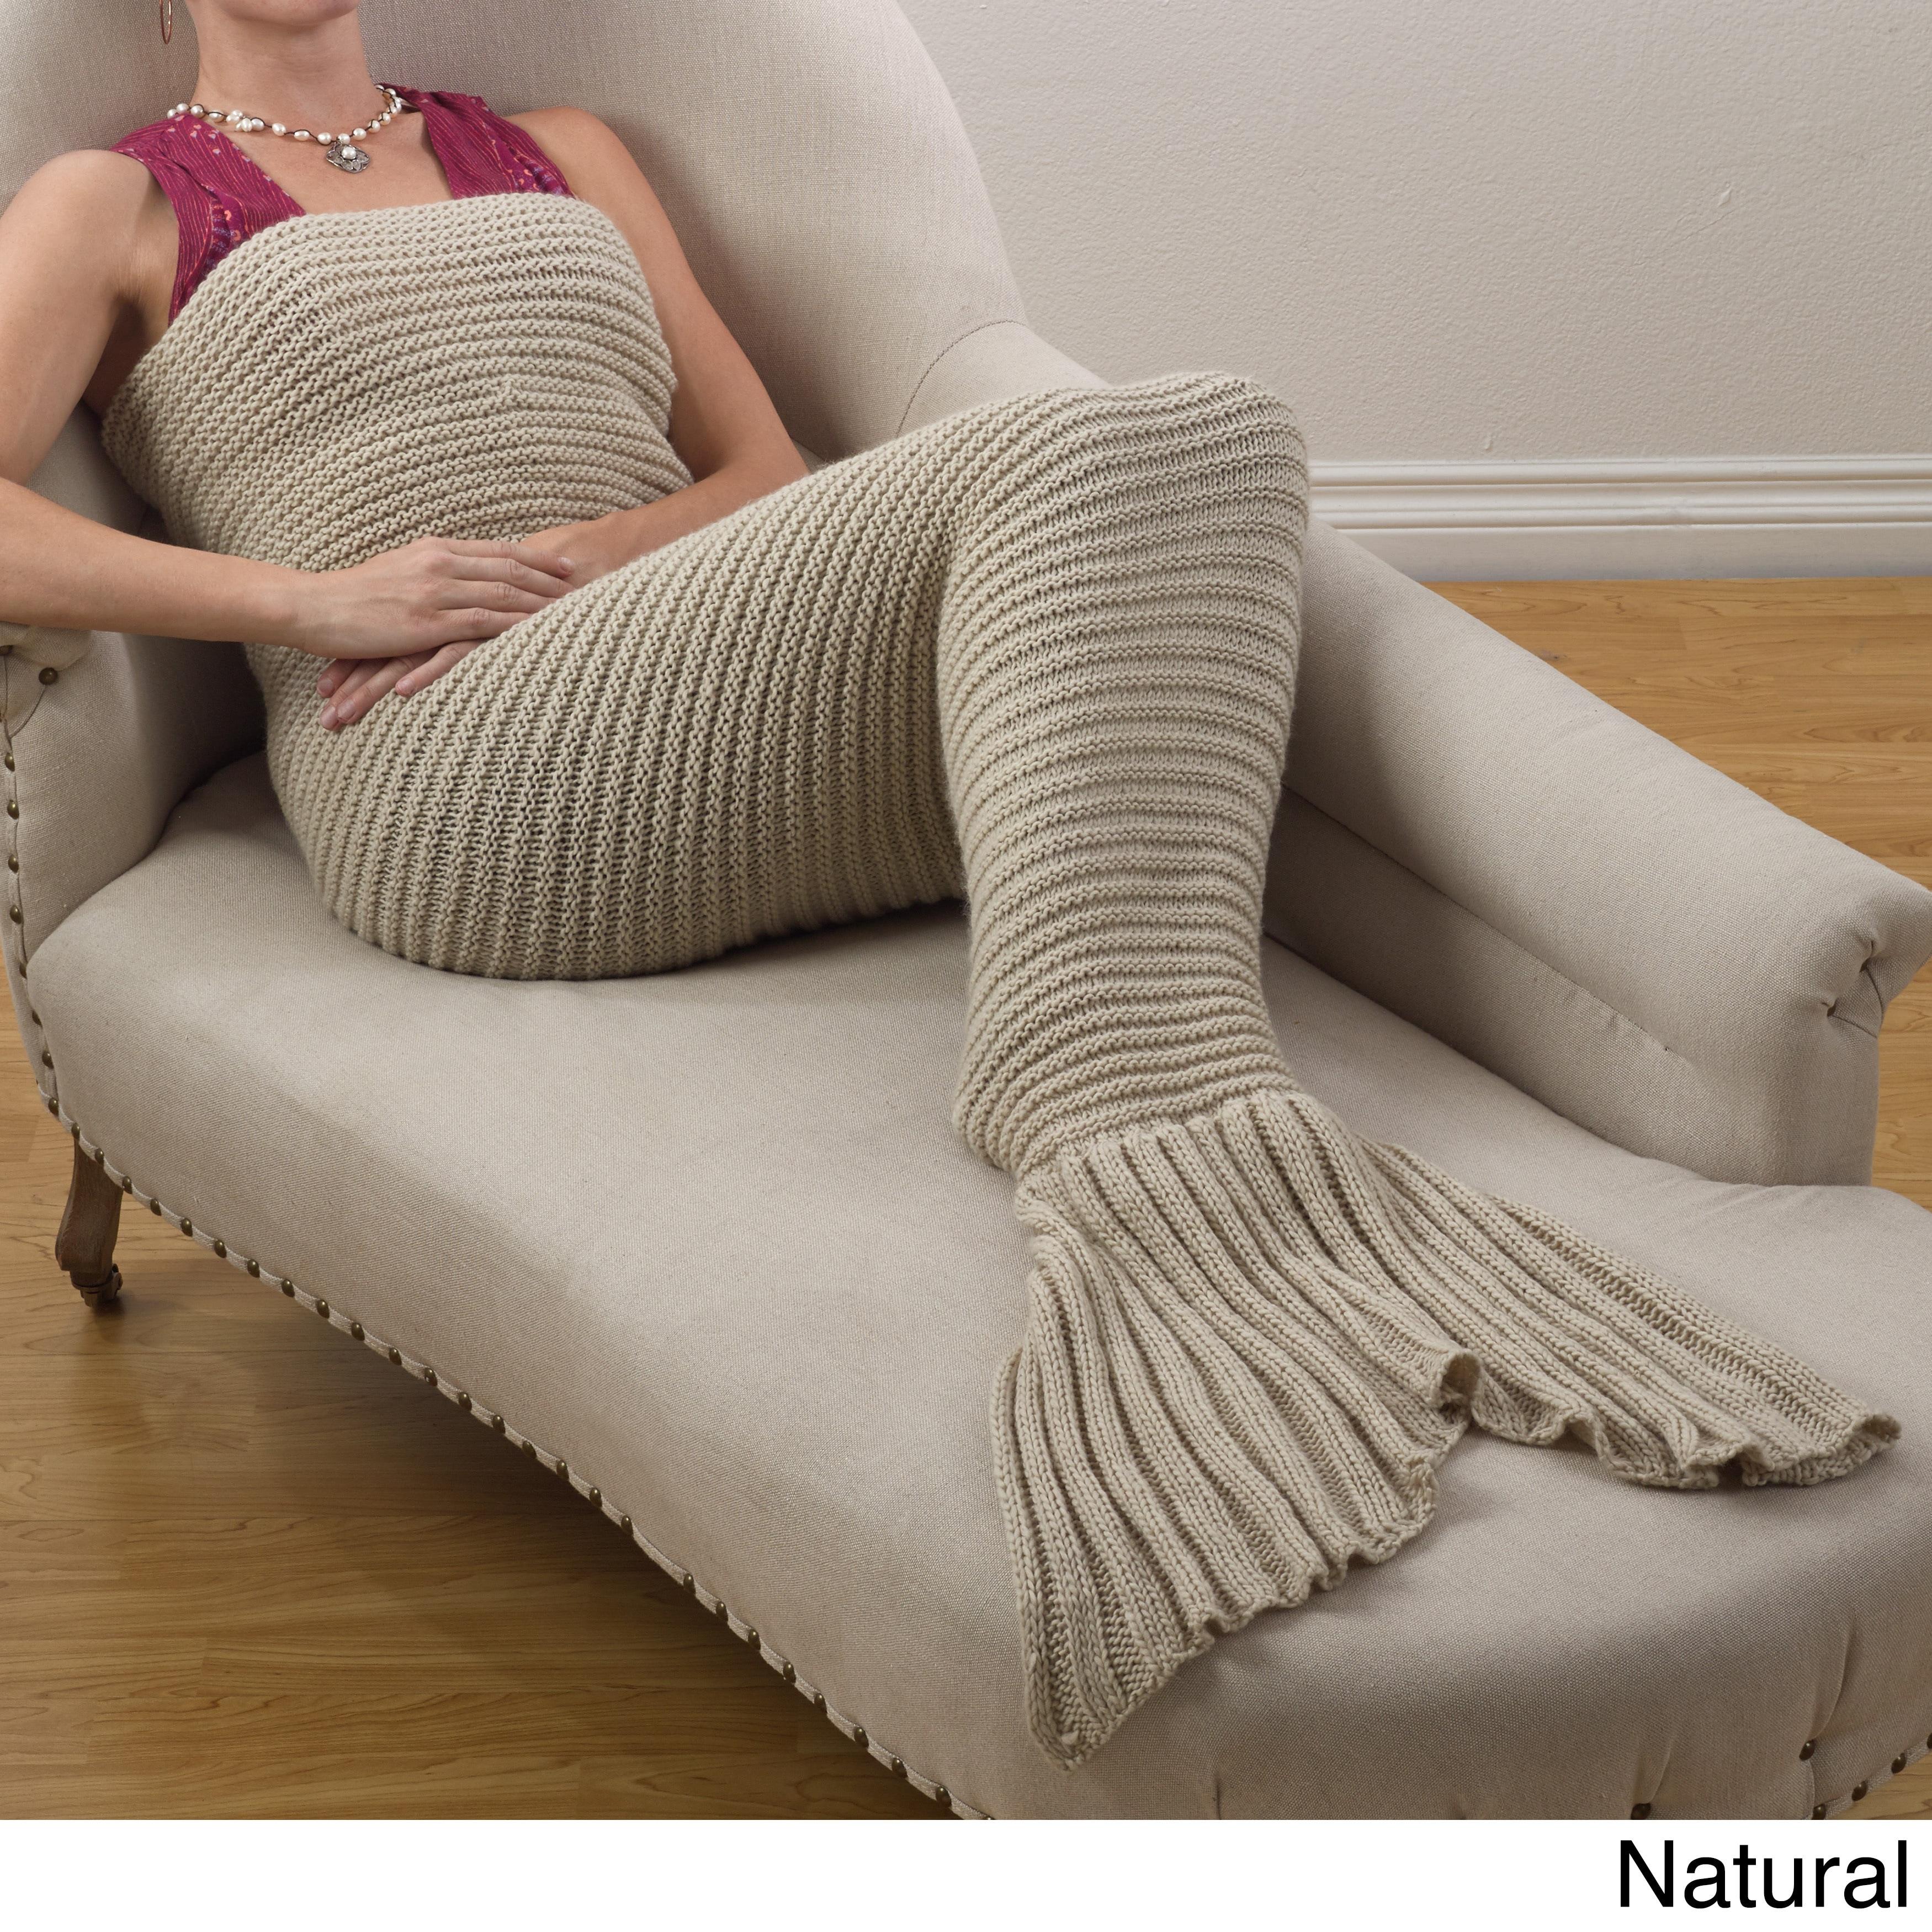 Saro Chunky Knit Mermaid Tail Design Throw Blanket